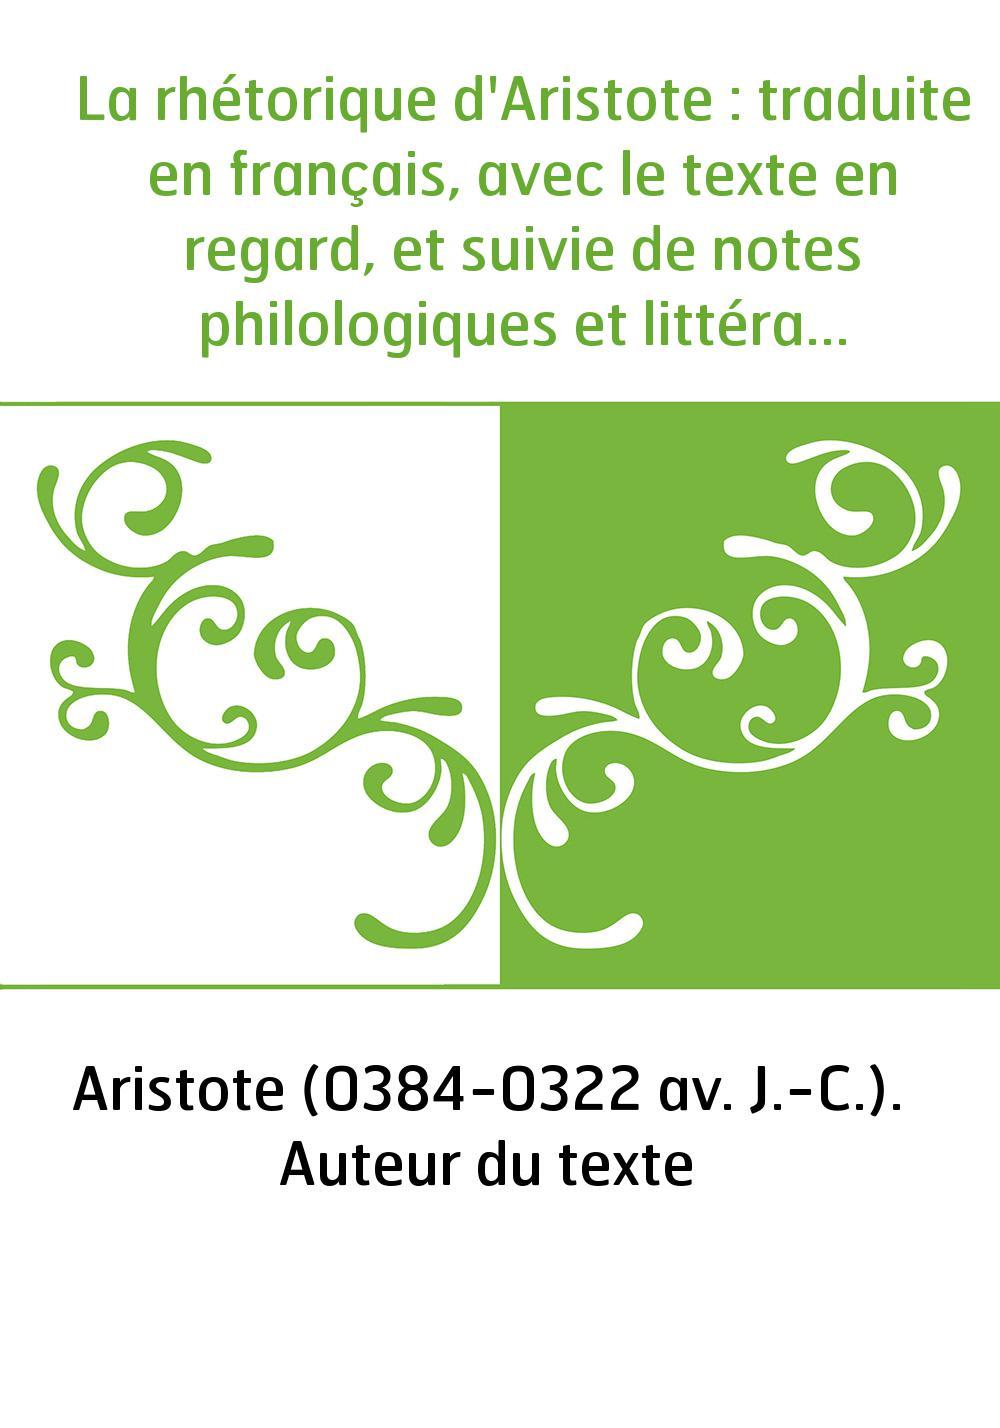 La rhétorique d'Aristote : traduite en français, avec le texte en regard, et suivie de notes philologiques et littéraires / par